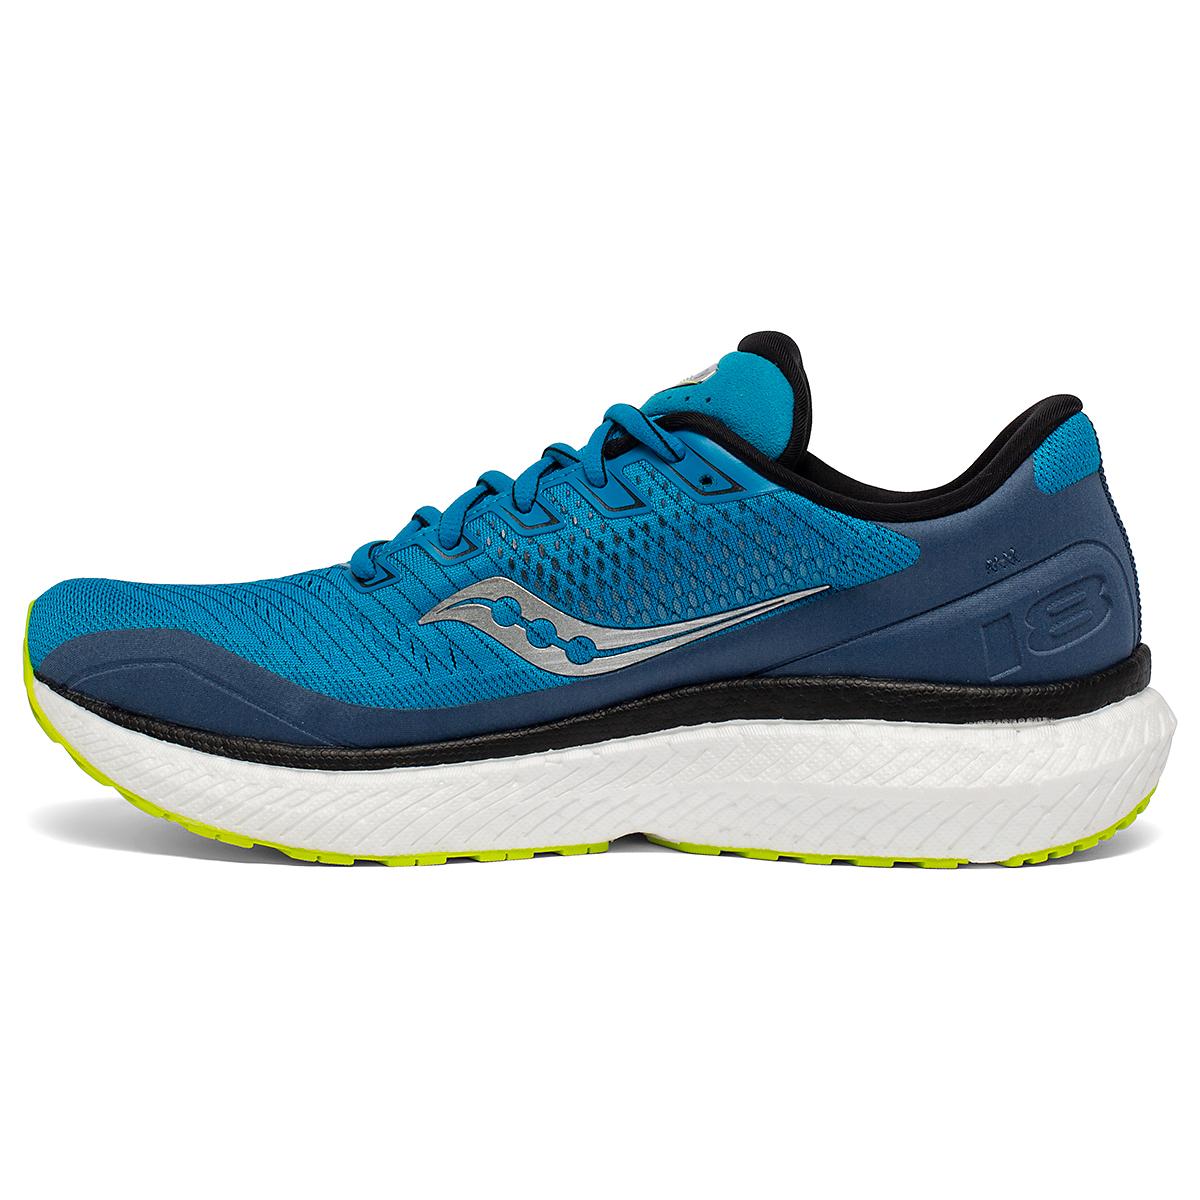 Men's Saucony Triumph 18 Running Shoe, , large, image 5